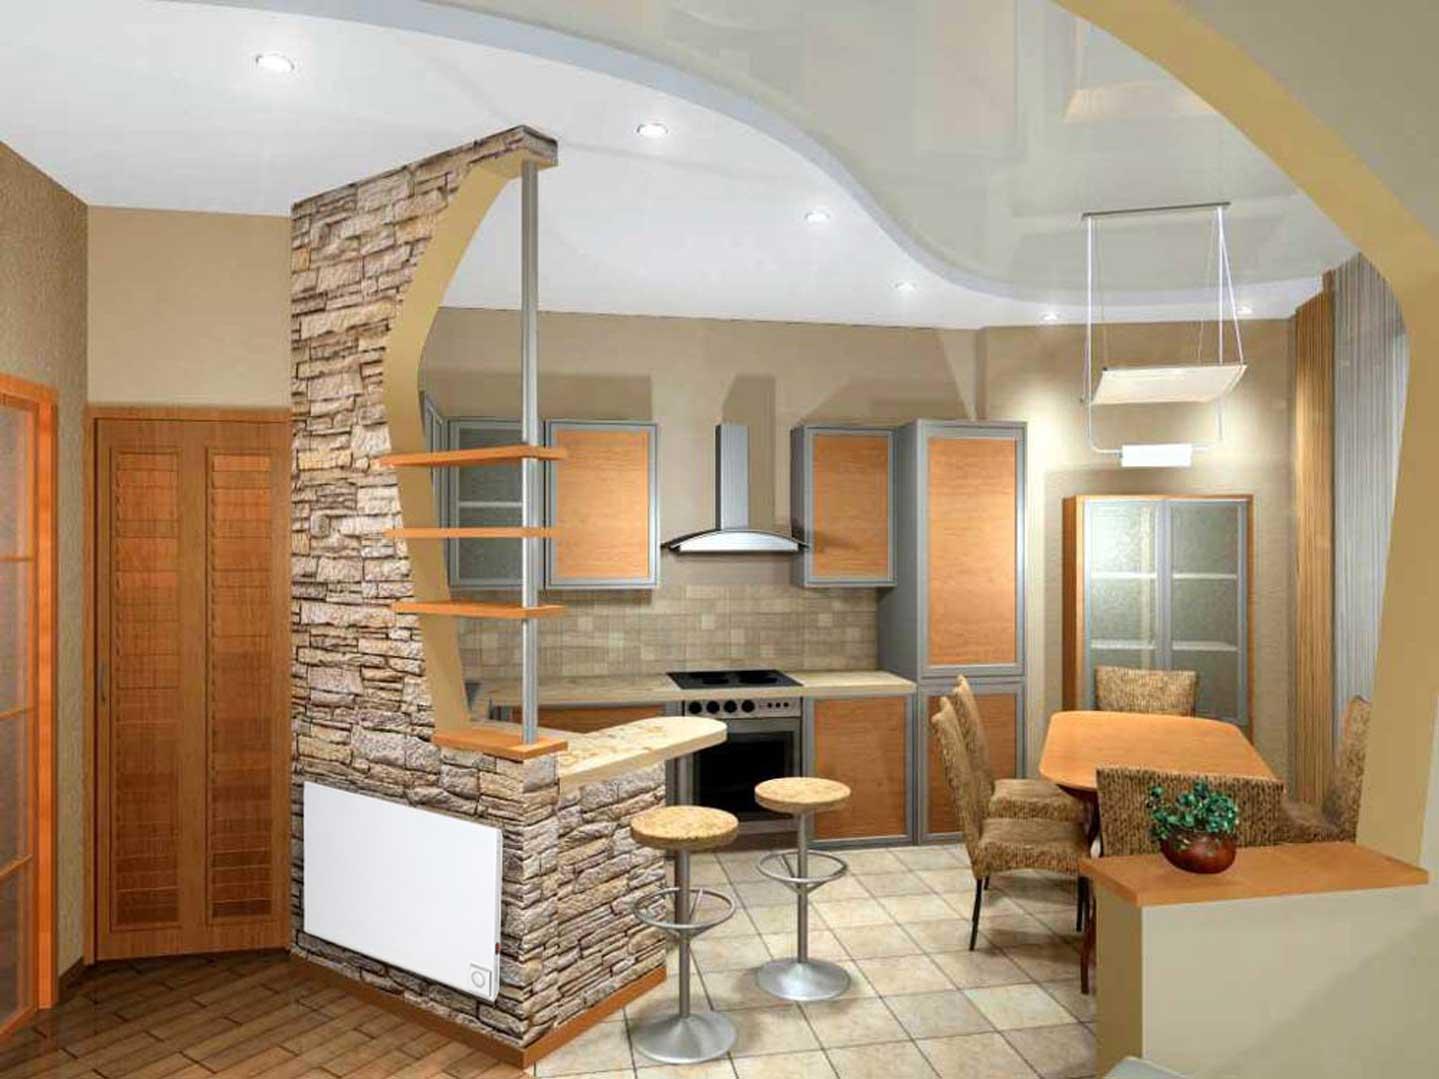 Как создать качественный интерьер кухни-студии